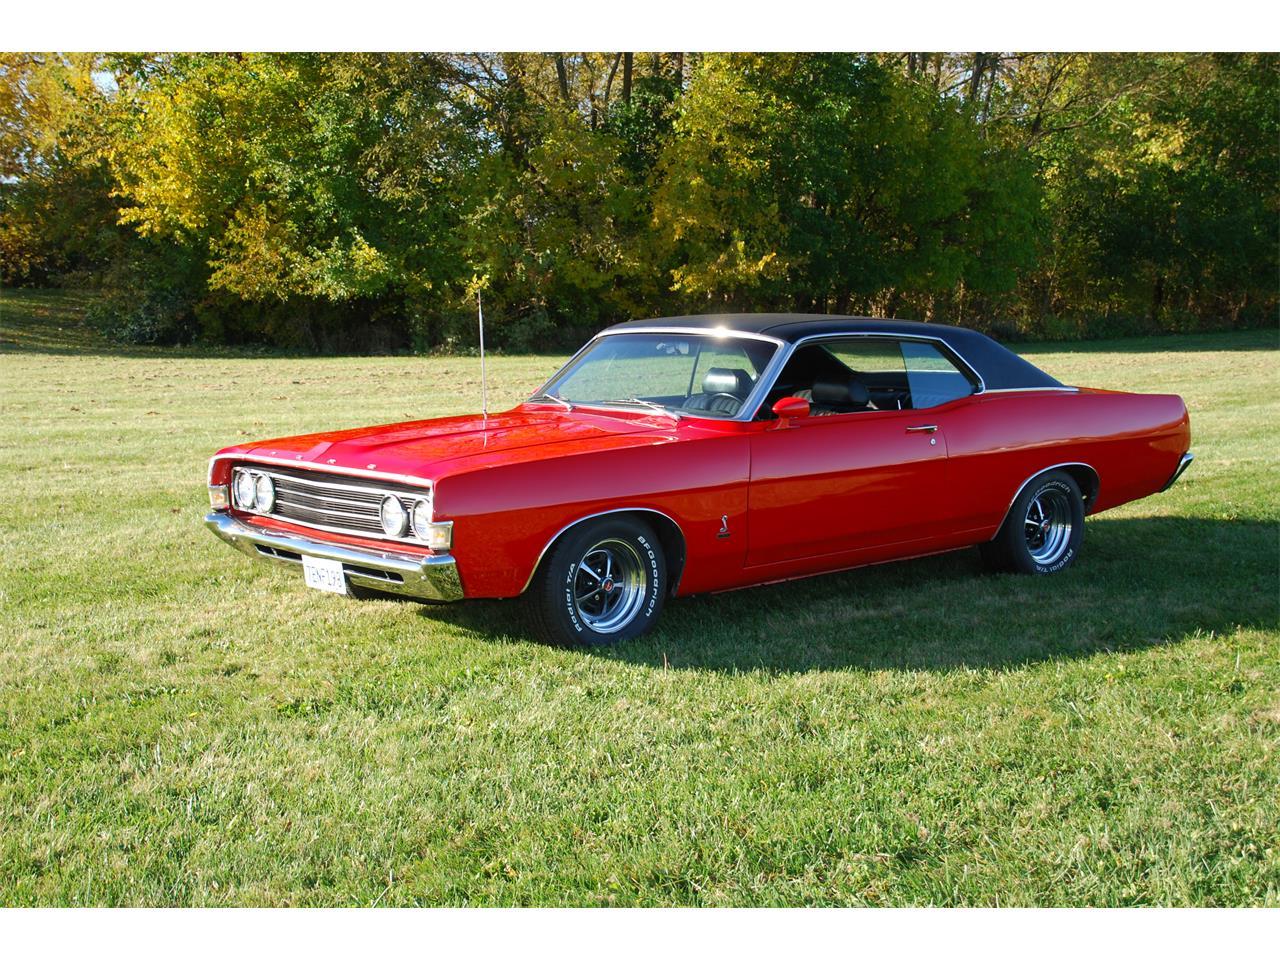 1969 Ford Torino For Sale Classiccars Com Cc 1011252